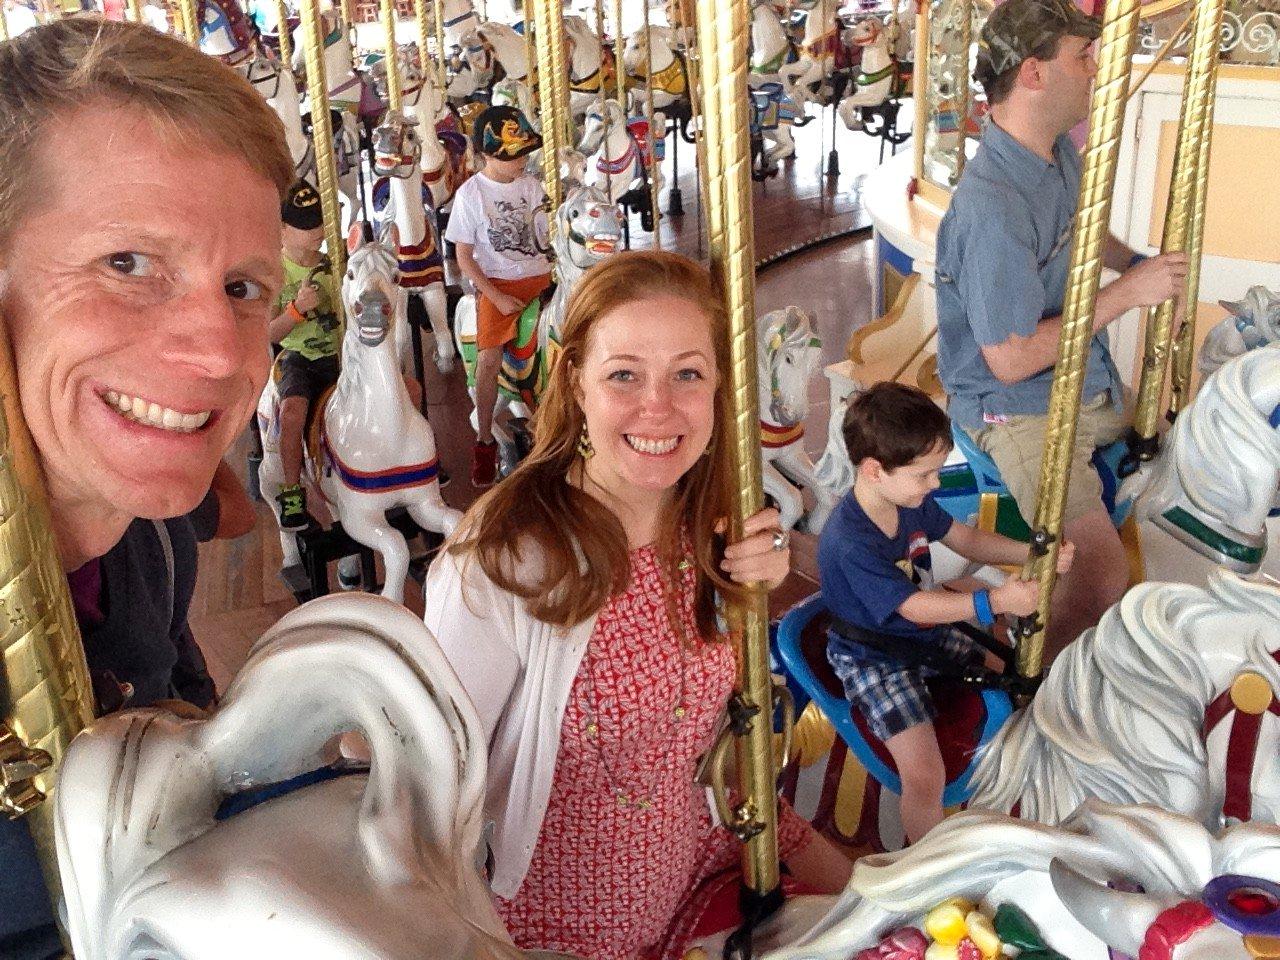 Kristina and Joe share some magic | MouseMingle.com